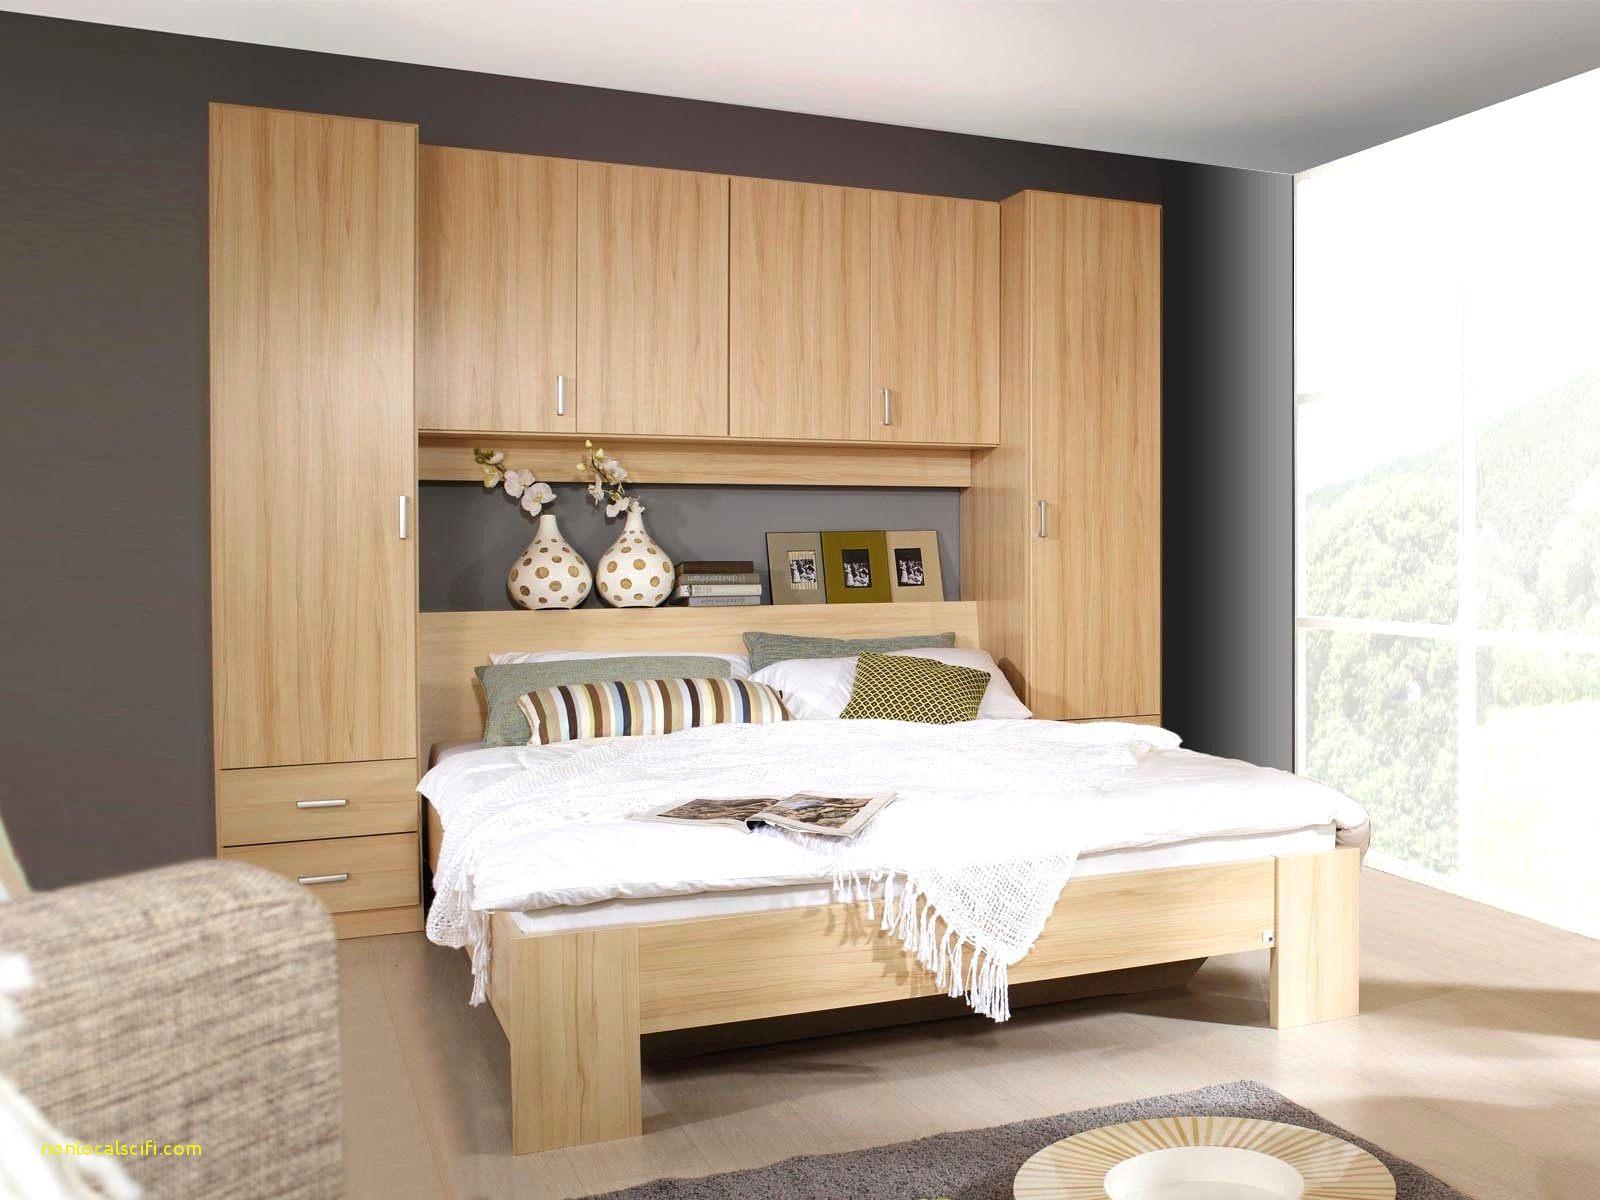 Lit Maison Enfant Le Luxe Tete De Lit Pour Lit Simple Nouveau Stock Tete De Lit Futon Lit